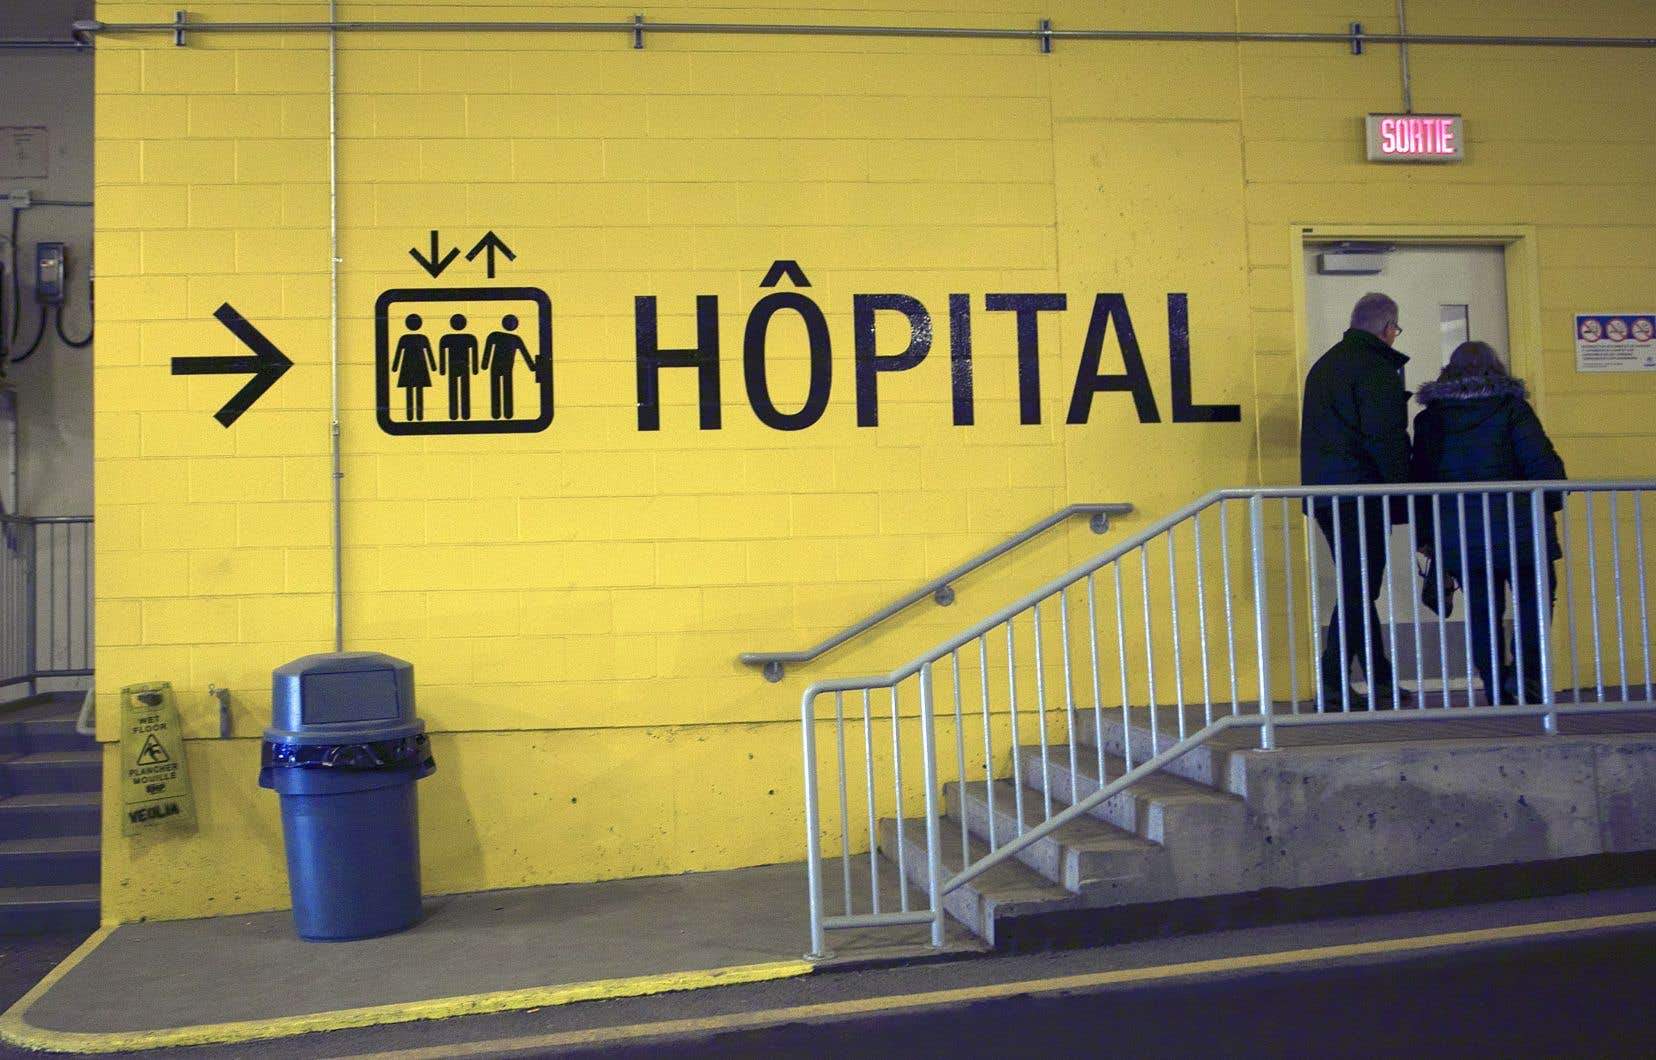 Des campagnes de financement sont suspendues, ce qui nuit à la réalisation de projets dans des établissements de santé.